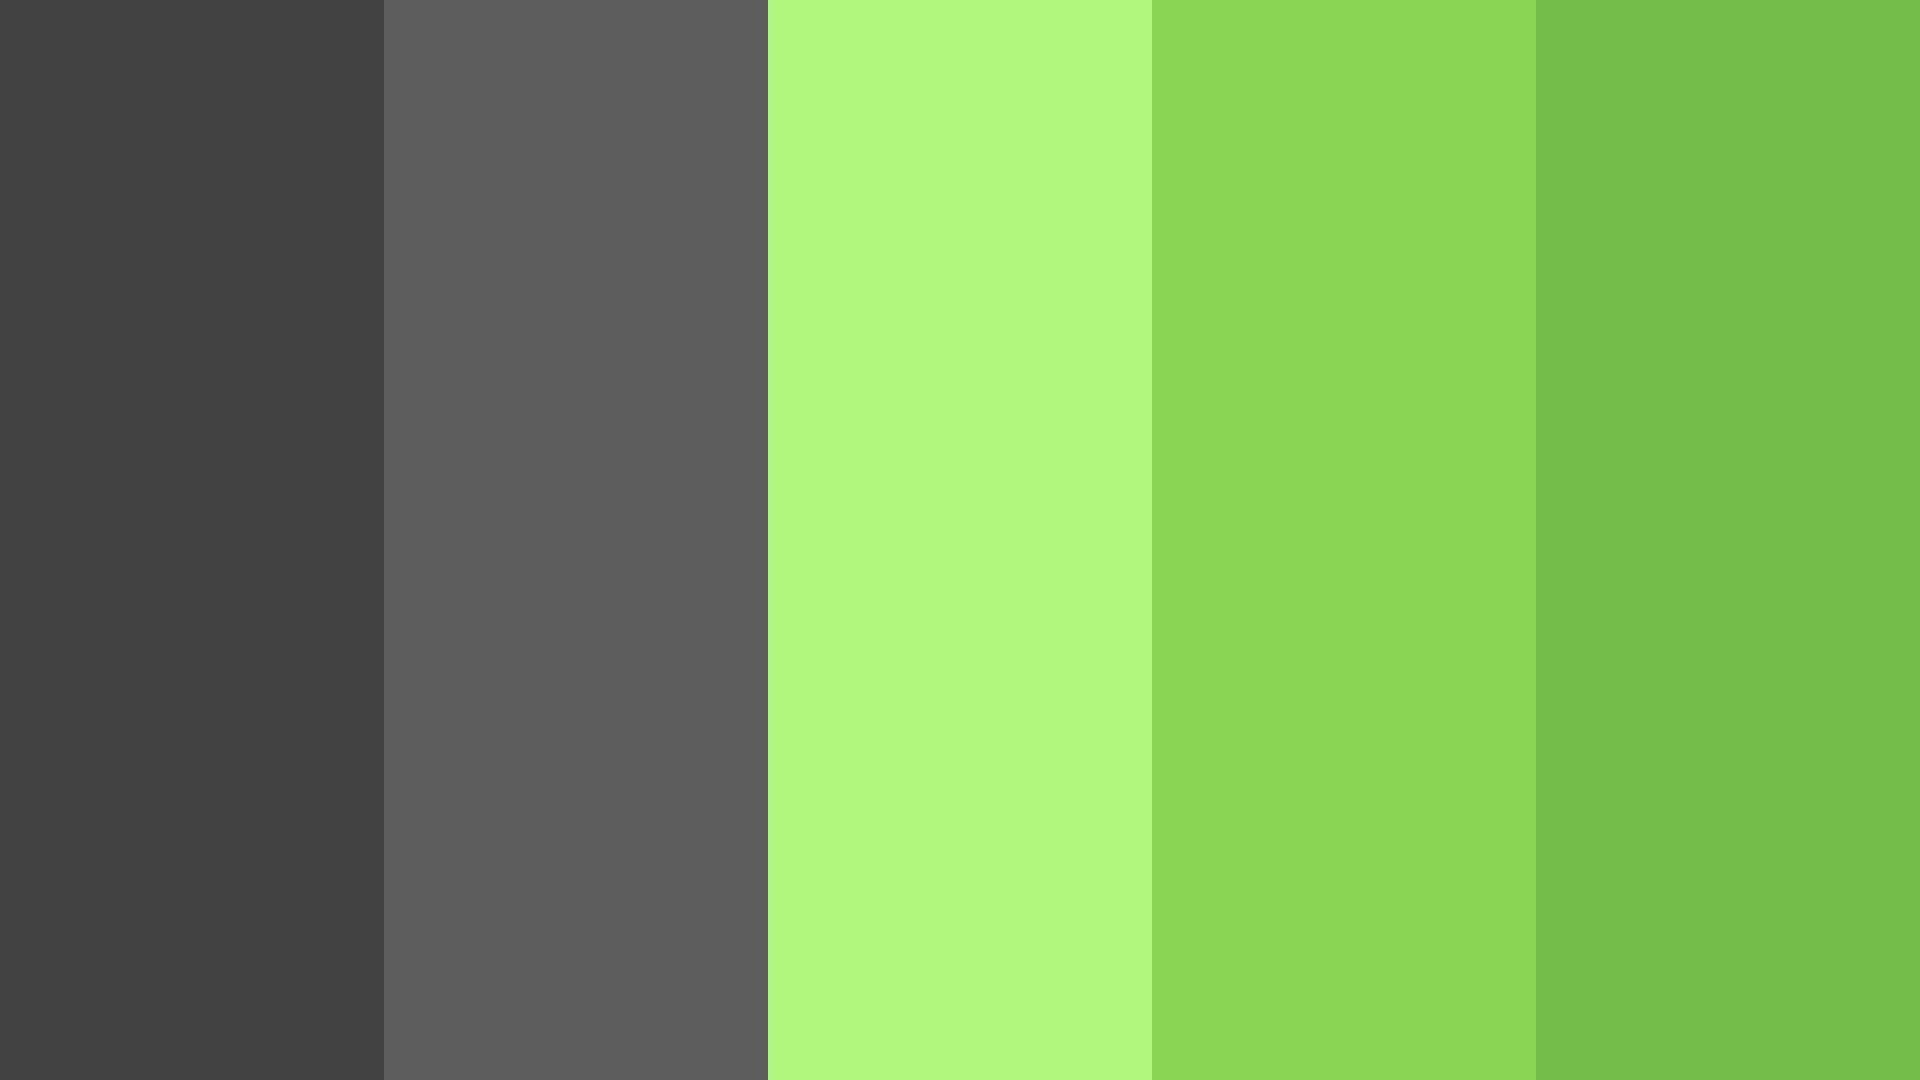 Smooth Green Gray Color Scheme Gray Schemecolor Com